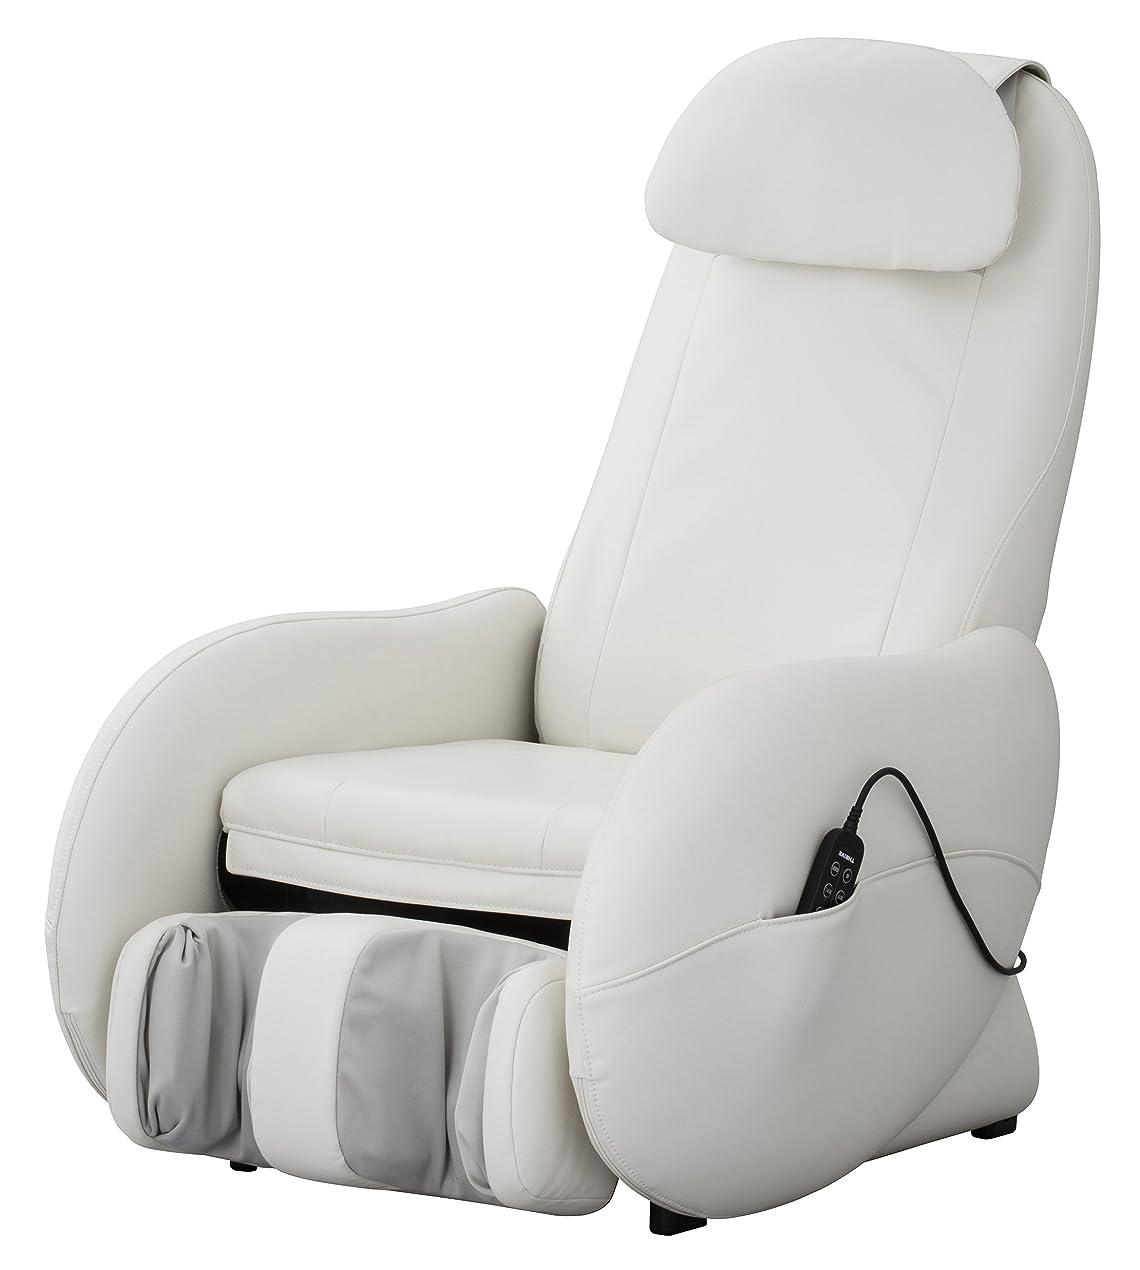 地味などきどき人に関する限りスライヴ くつろぎ指定席Light マッサージチェア CHD-3500-WH ホワイト 正規品 おしゃれ コンパクト 小型